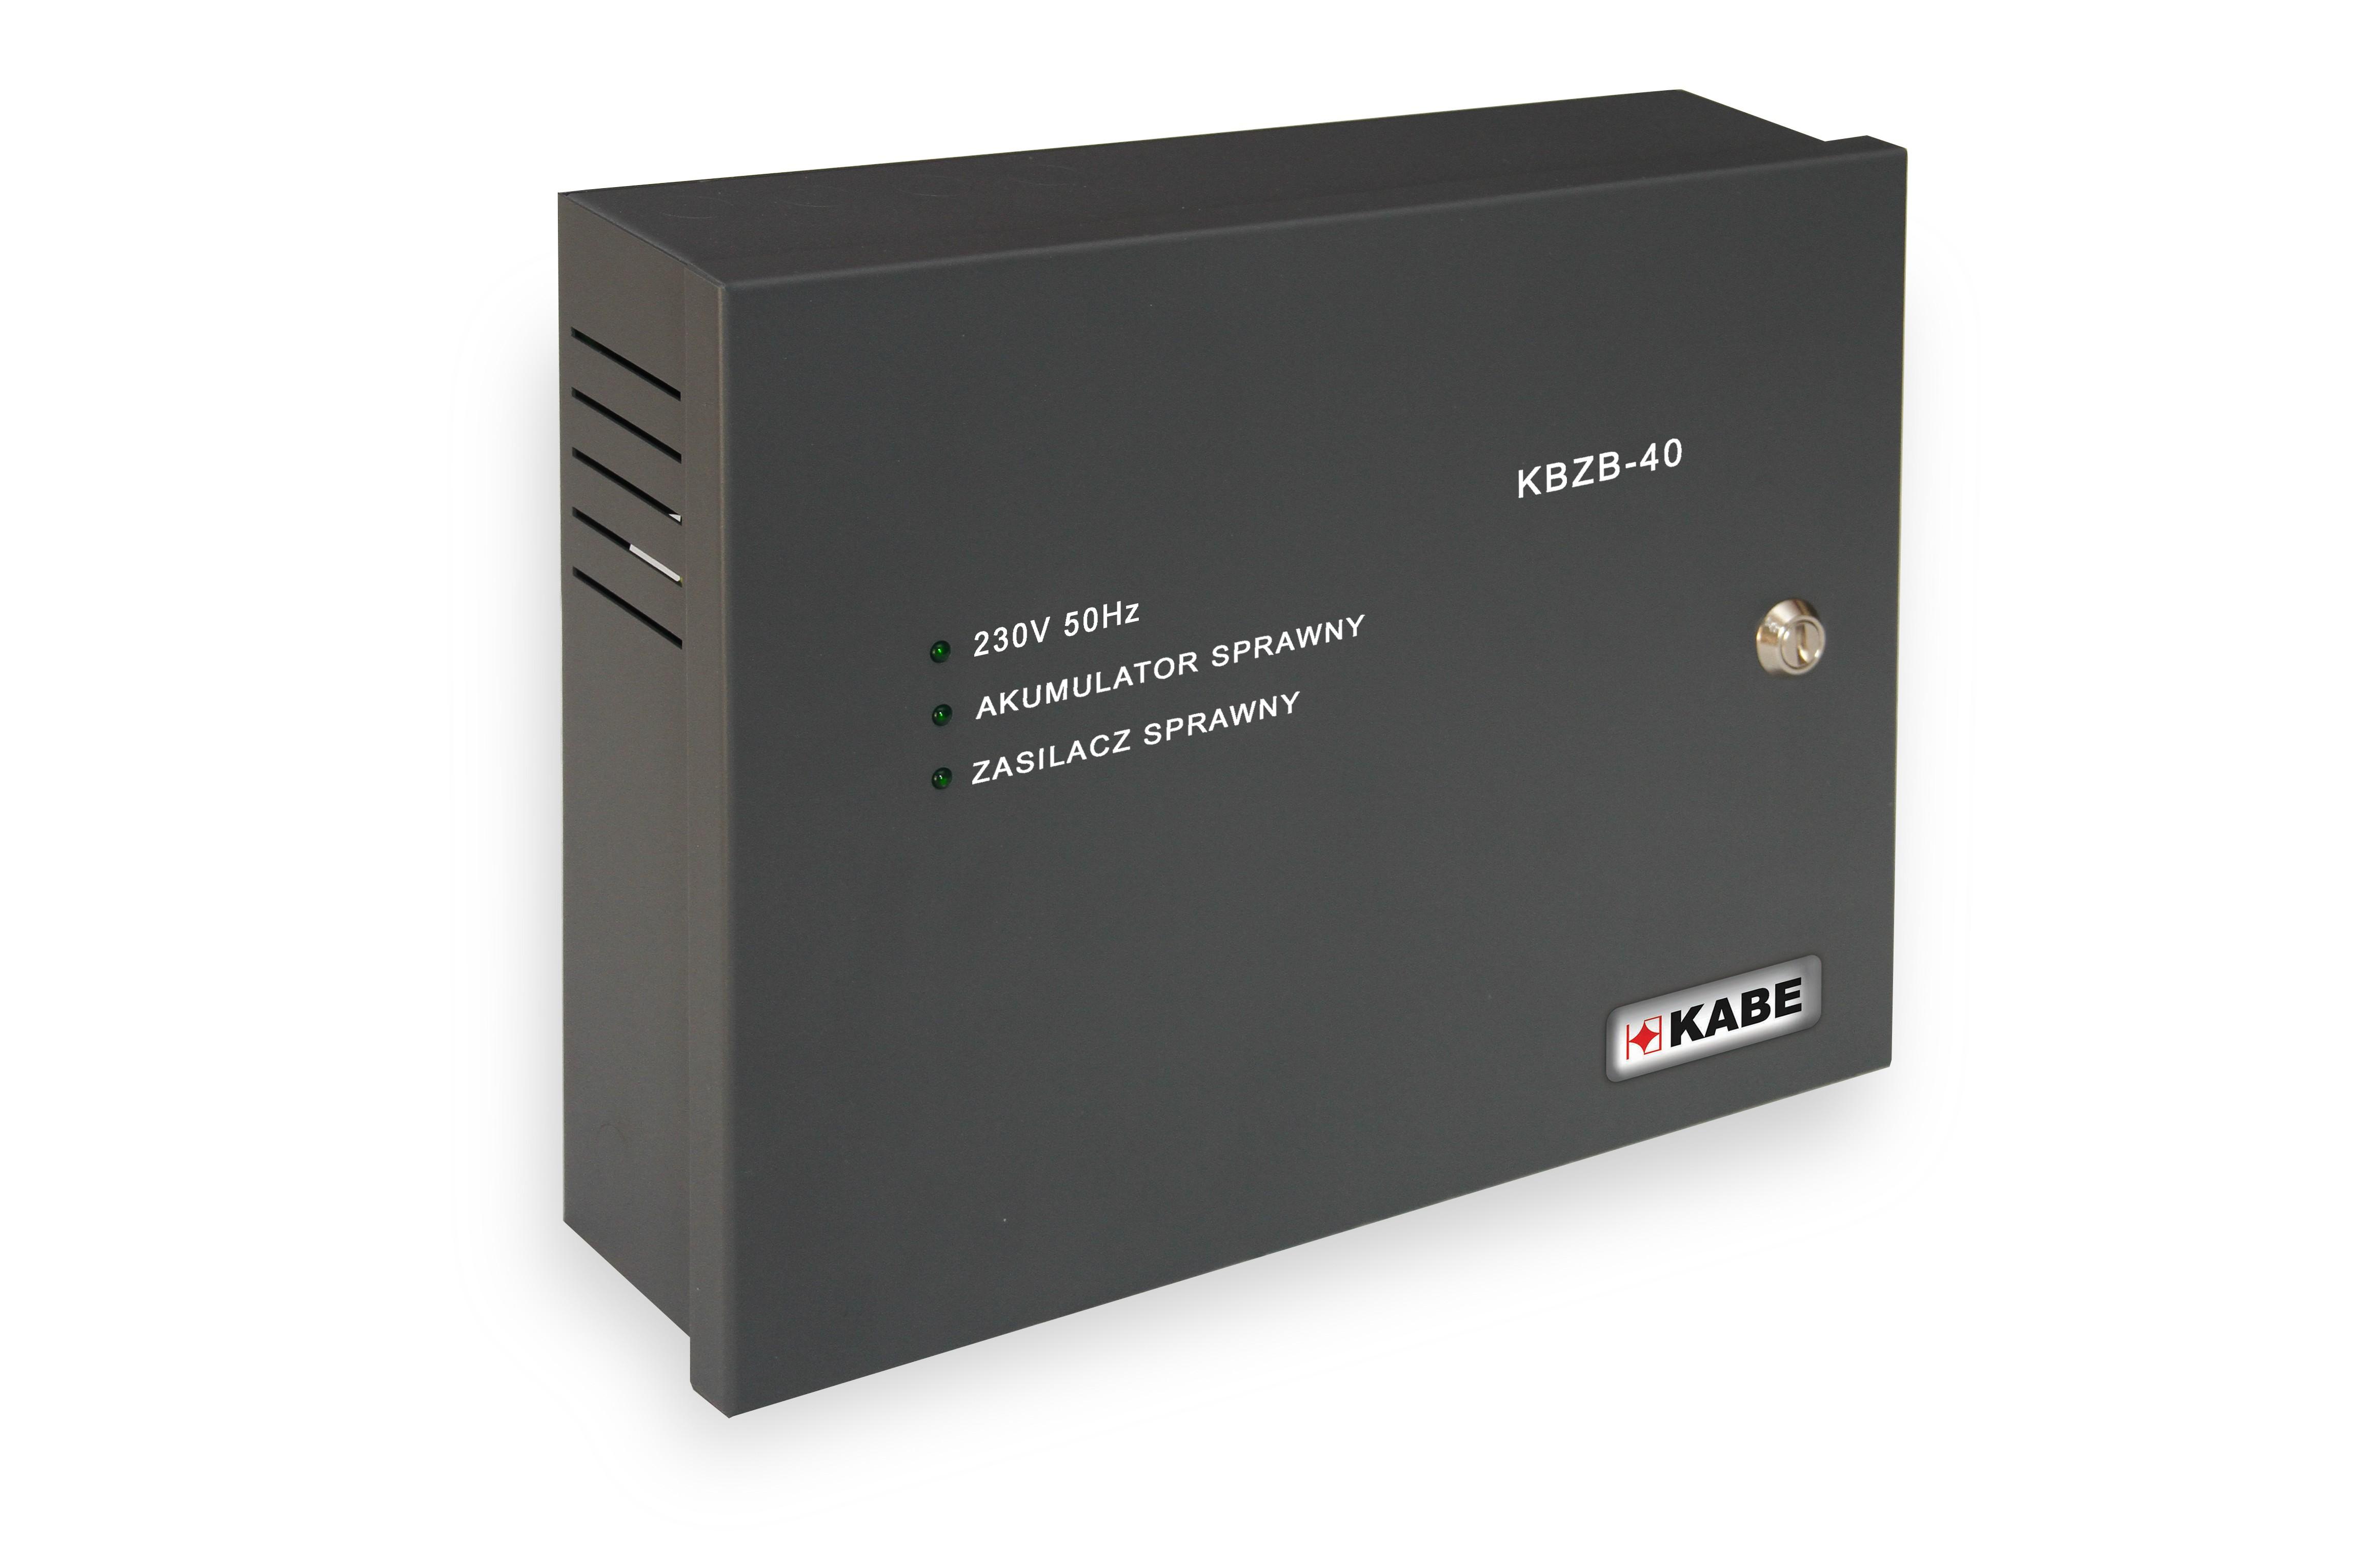 Zasilacz buforowy KBZB-40 5,5A/18Ah